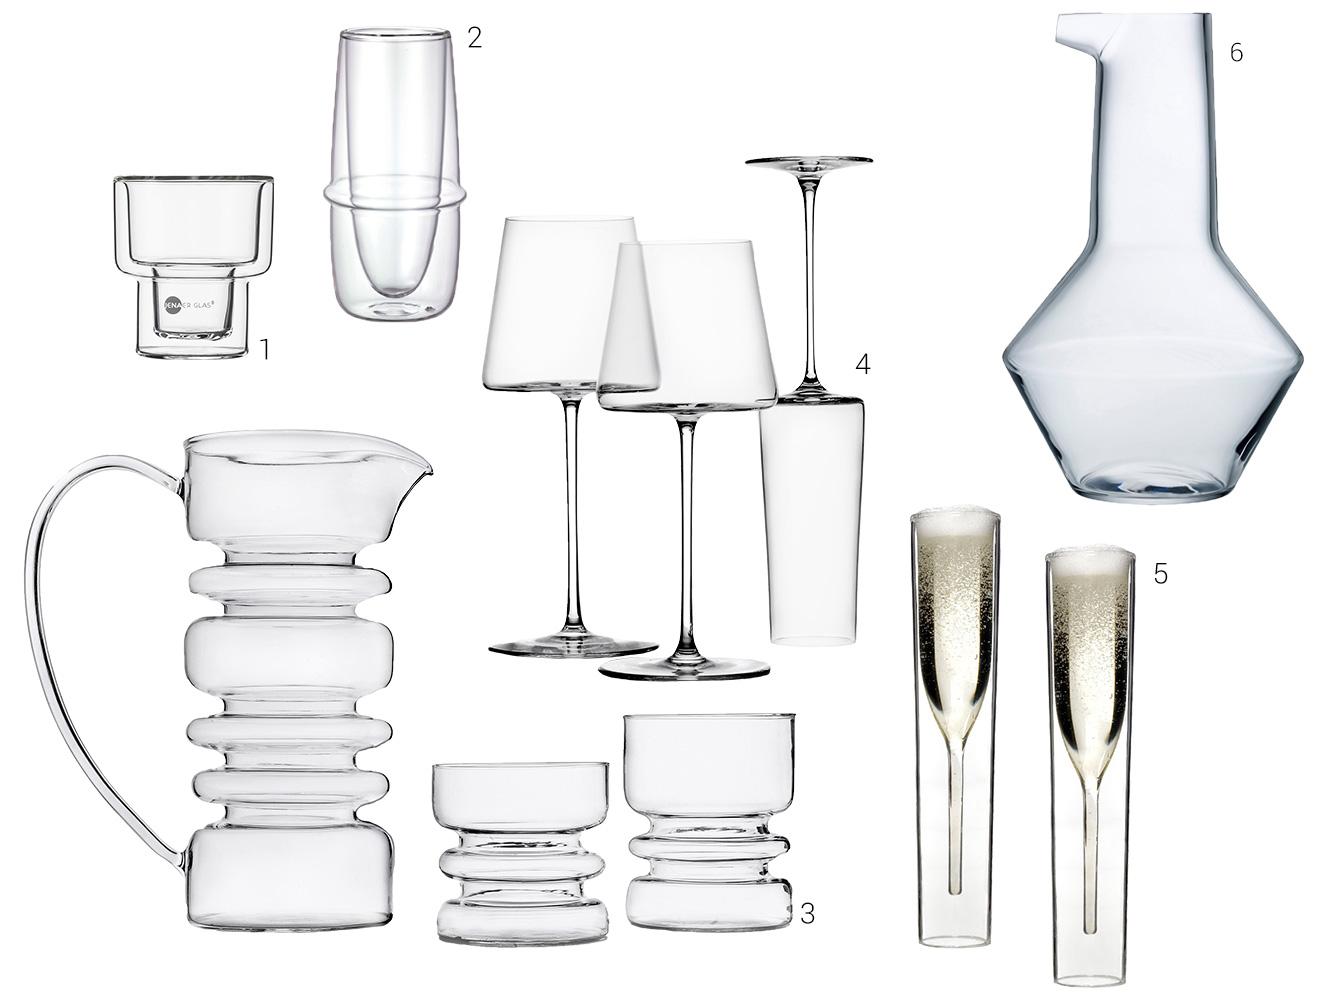 Kombination aus Gläsern und Karaffen verschiedener Aussteller im klaren Design